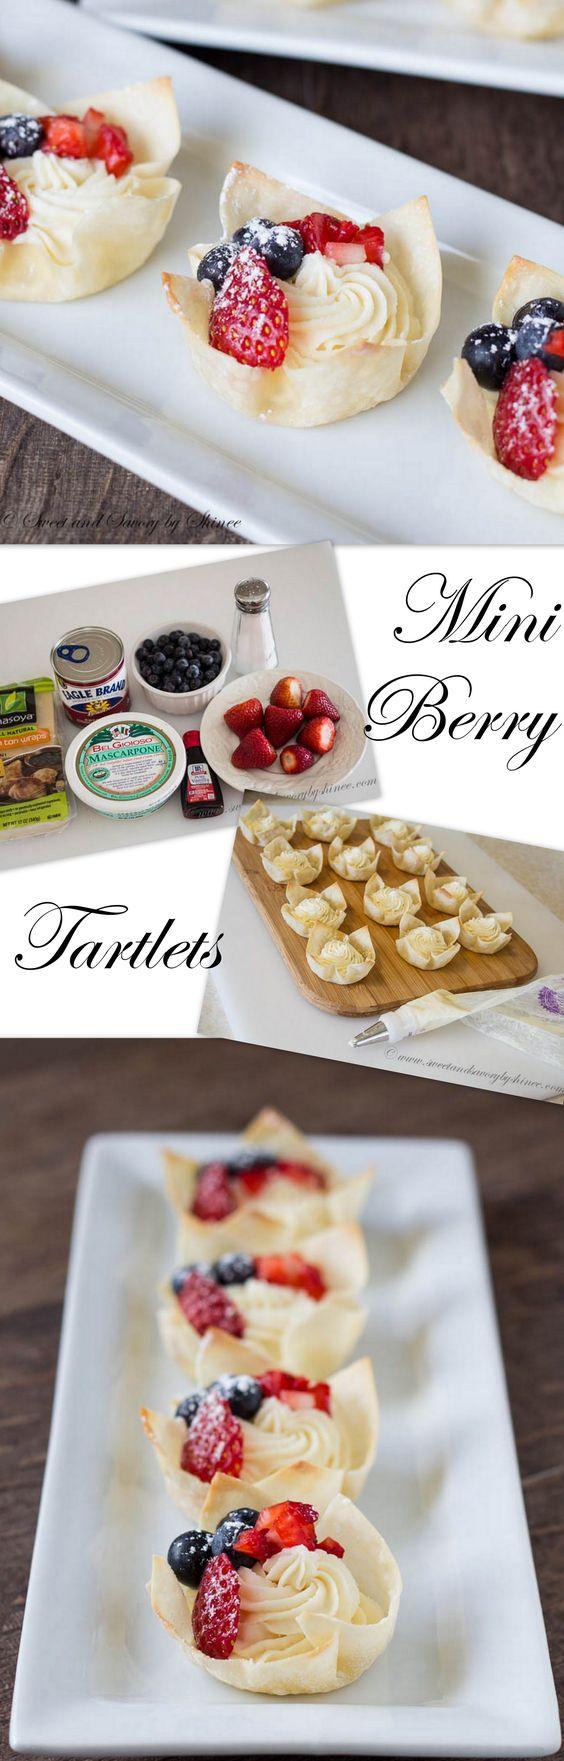 Easy savory dessert recipes